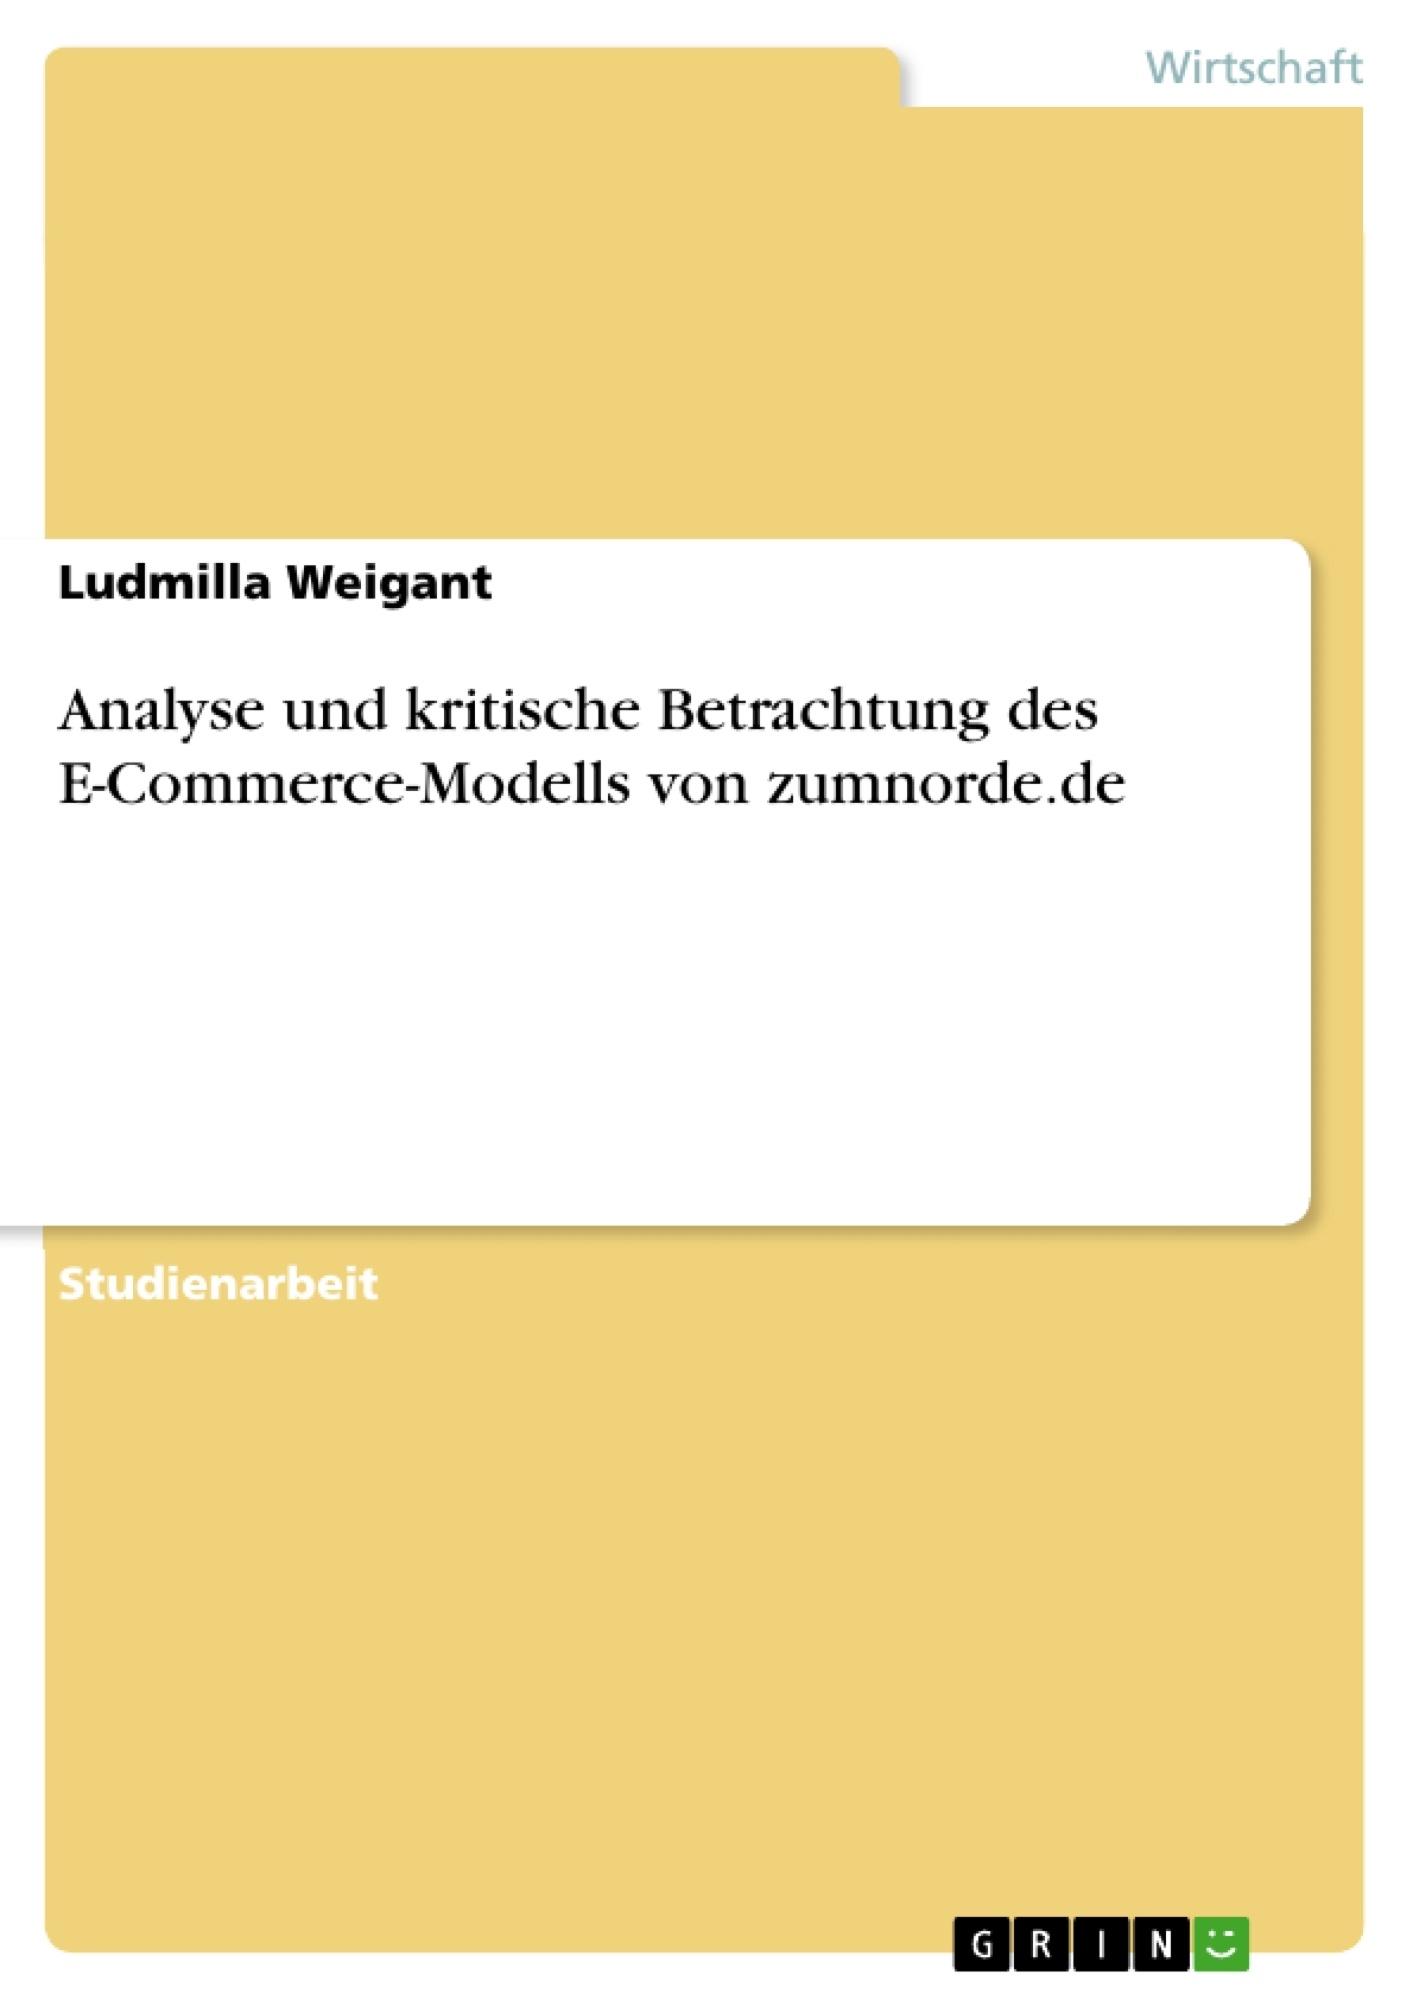 Titel: Analyse und kritische Betrachtung des E-Commerce-Modells von zumnorde.de